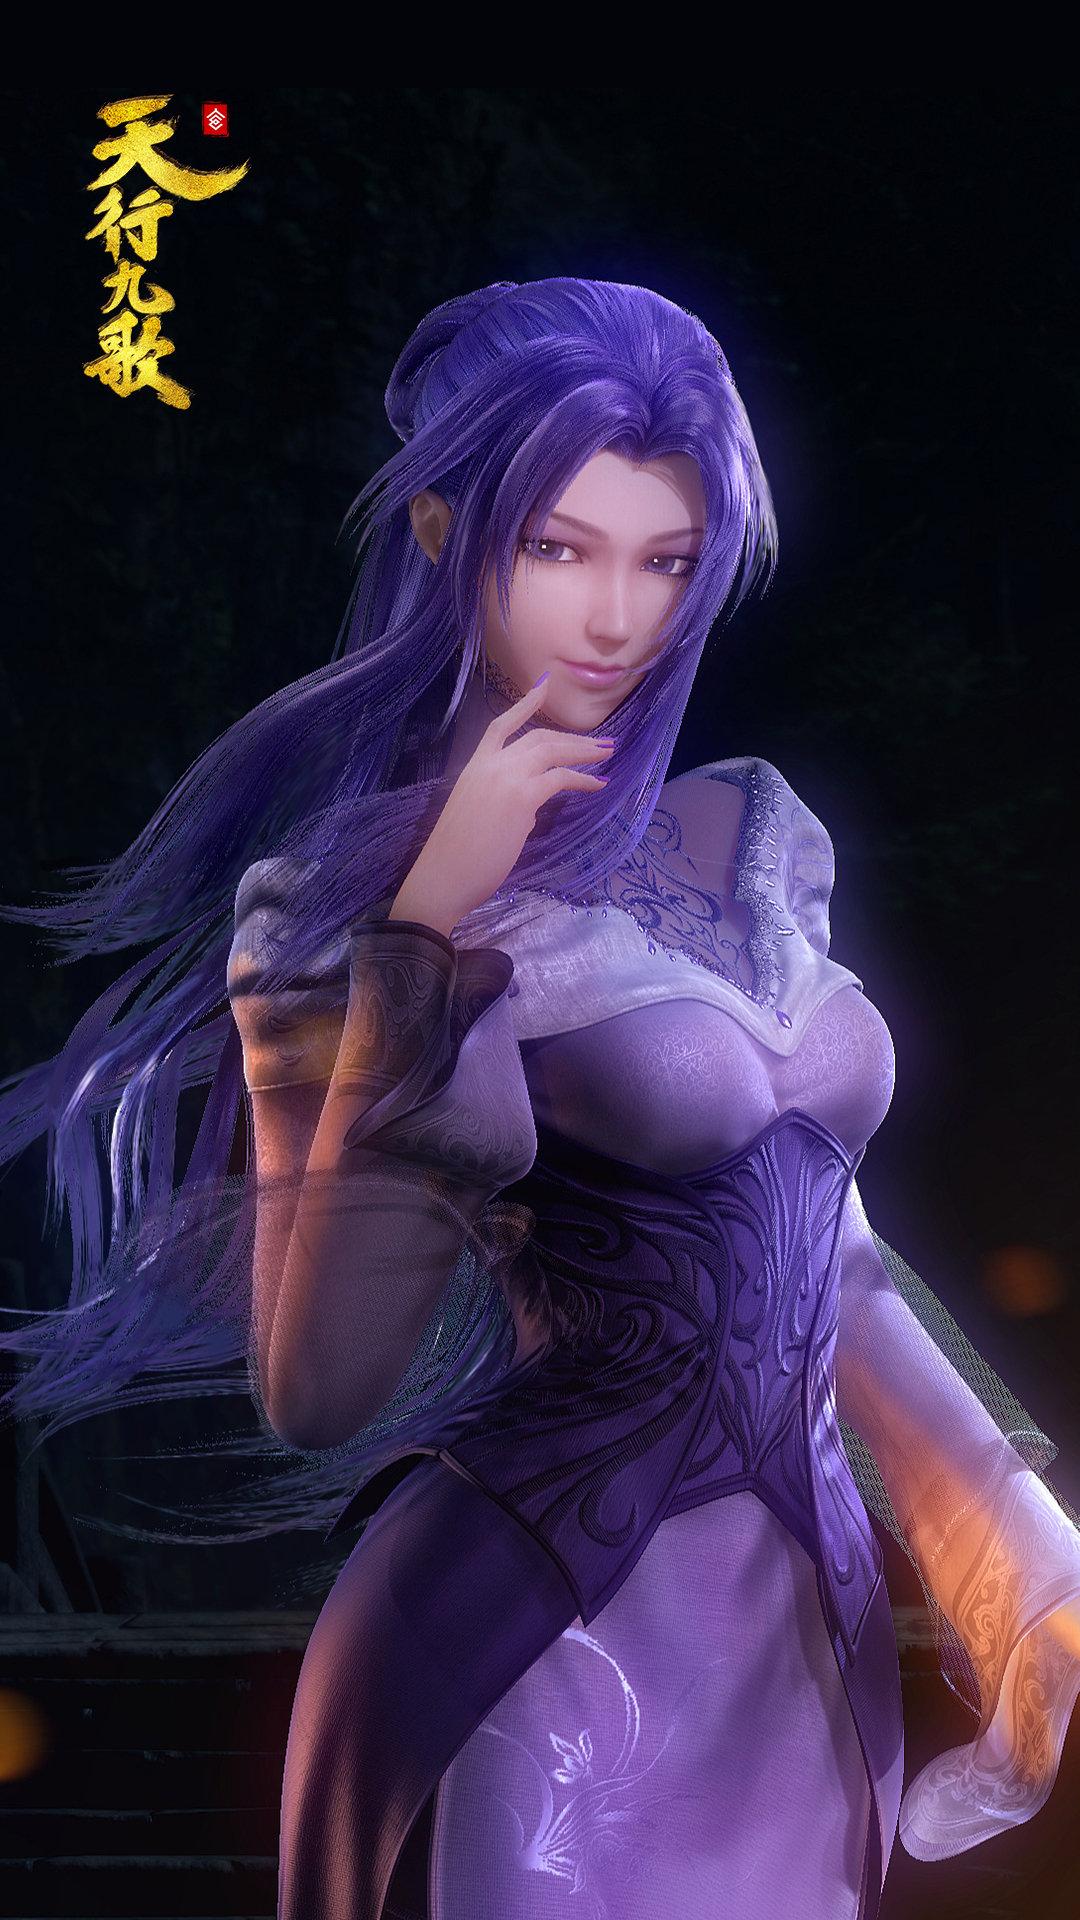 国漫天行九歌紫女图片大全